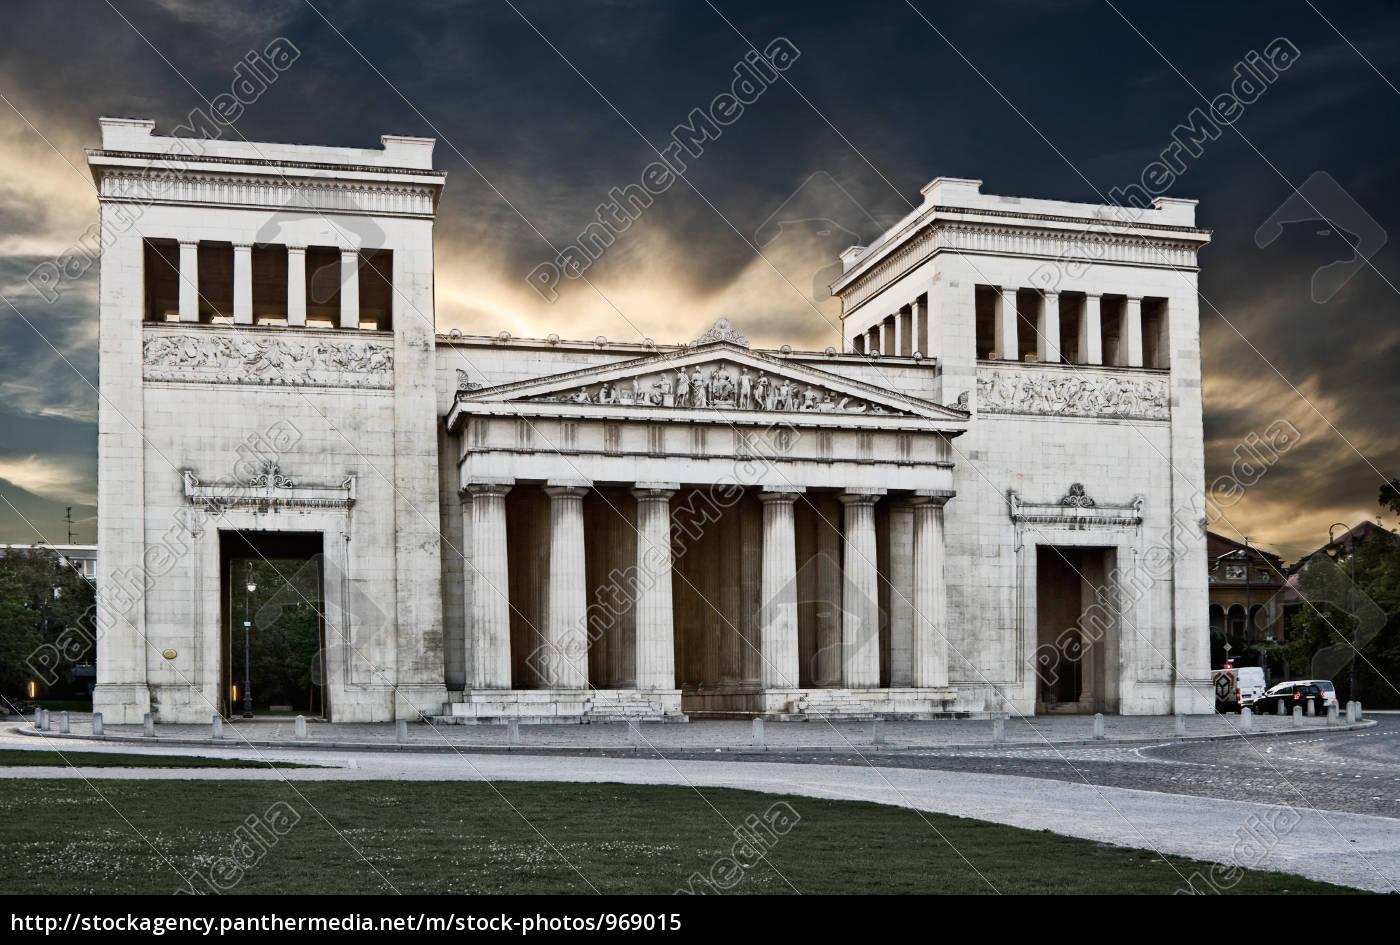 königsplatz - 969015